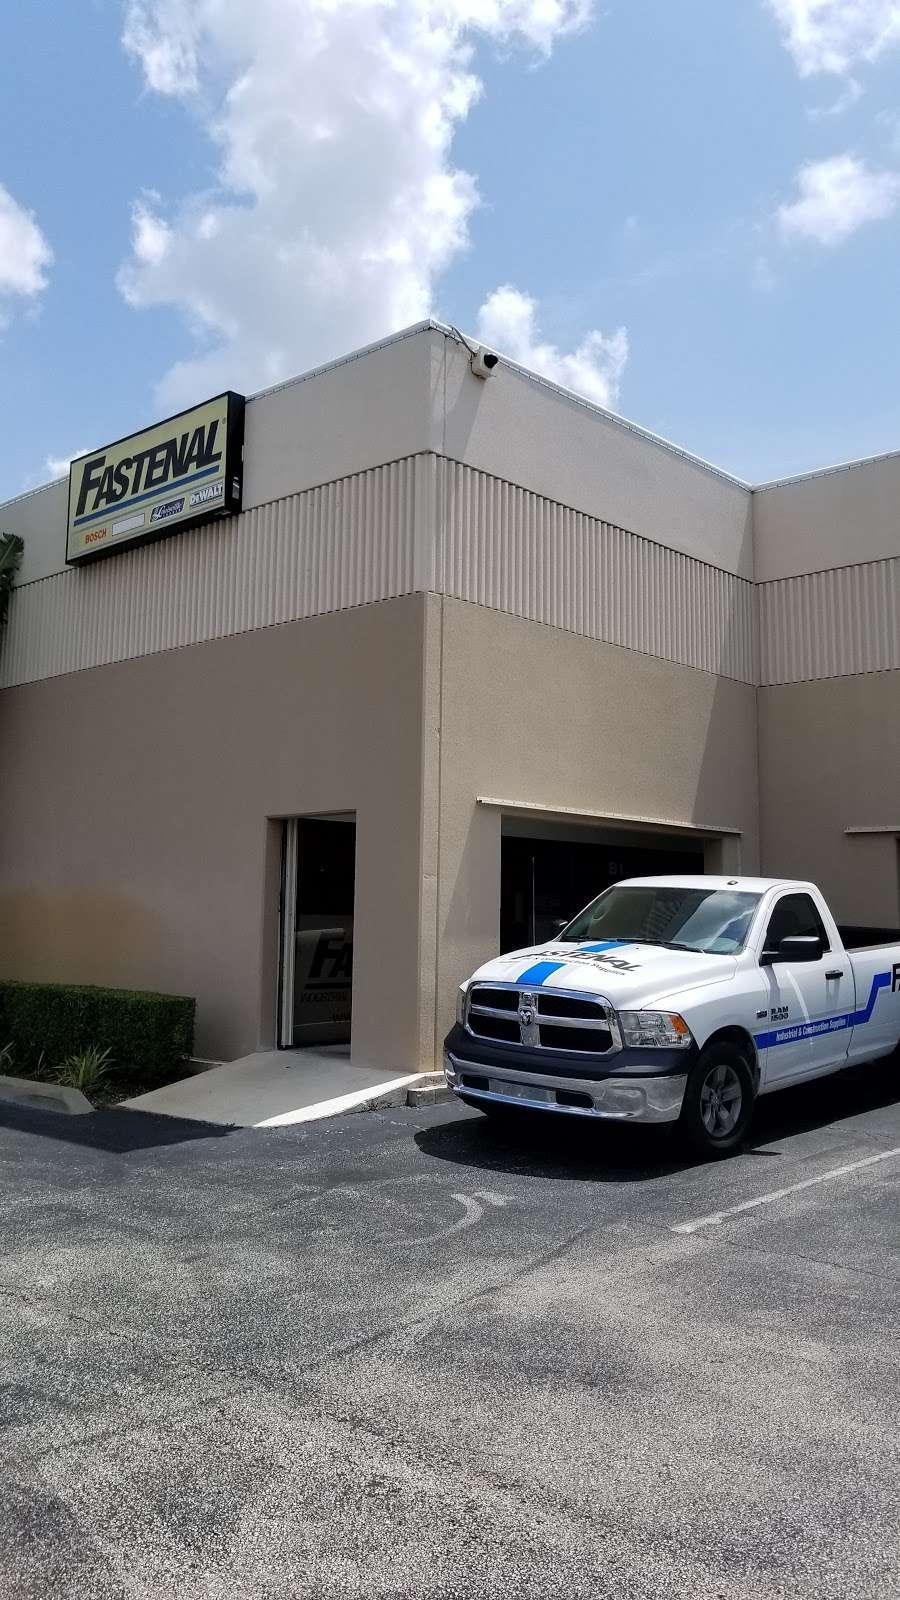 Fastenal - Store | 7656 Byron Dr, Riviera Beach, FL 33404, USA